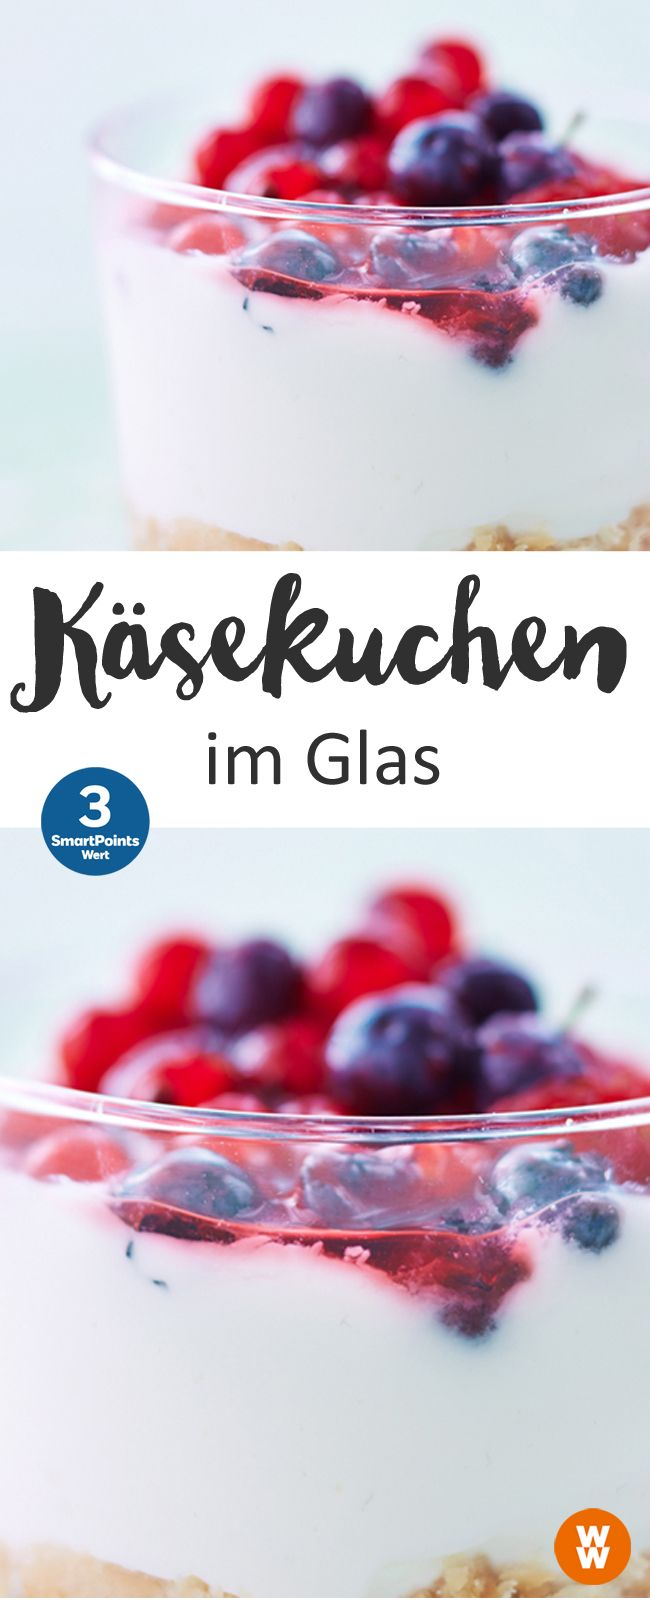 Käsekuchen im Glas | 3 SmartPoints/Portion, Weight Watchers, Desserts, Kuchen, schnell fertig in 10 min.